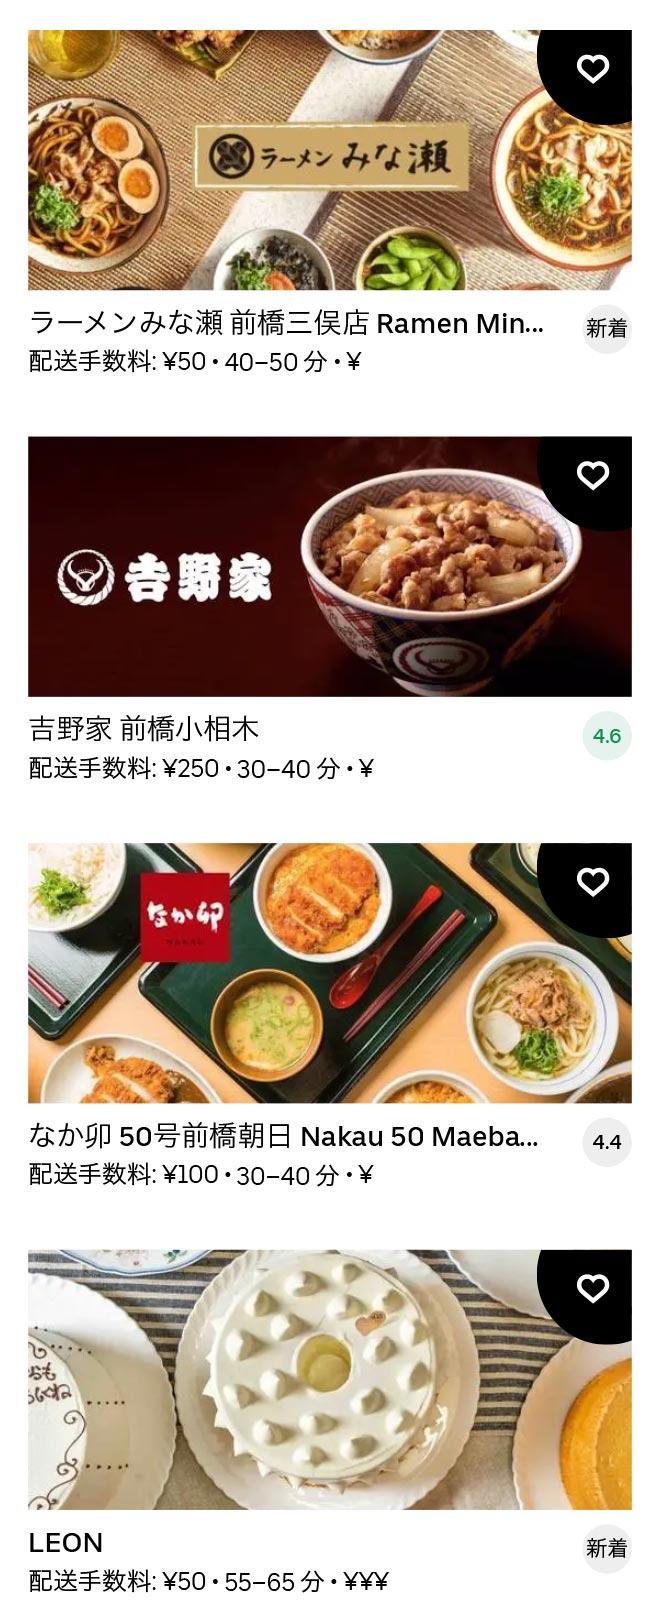 Chuo maebashi menu 2012 05